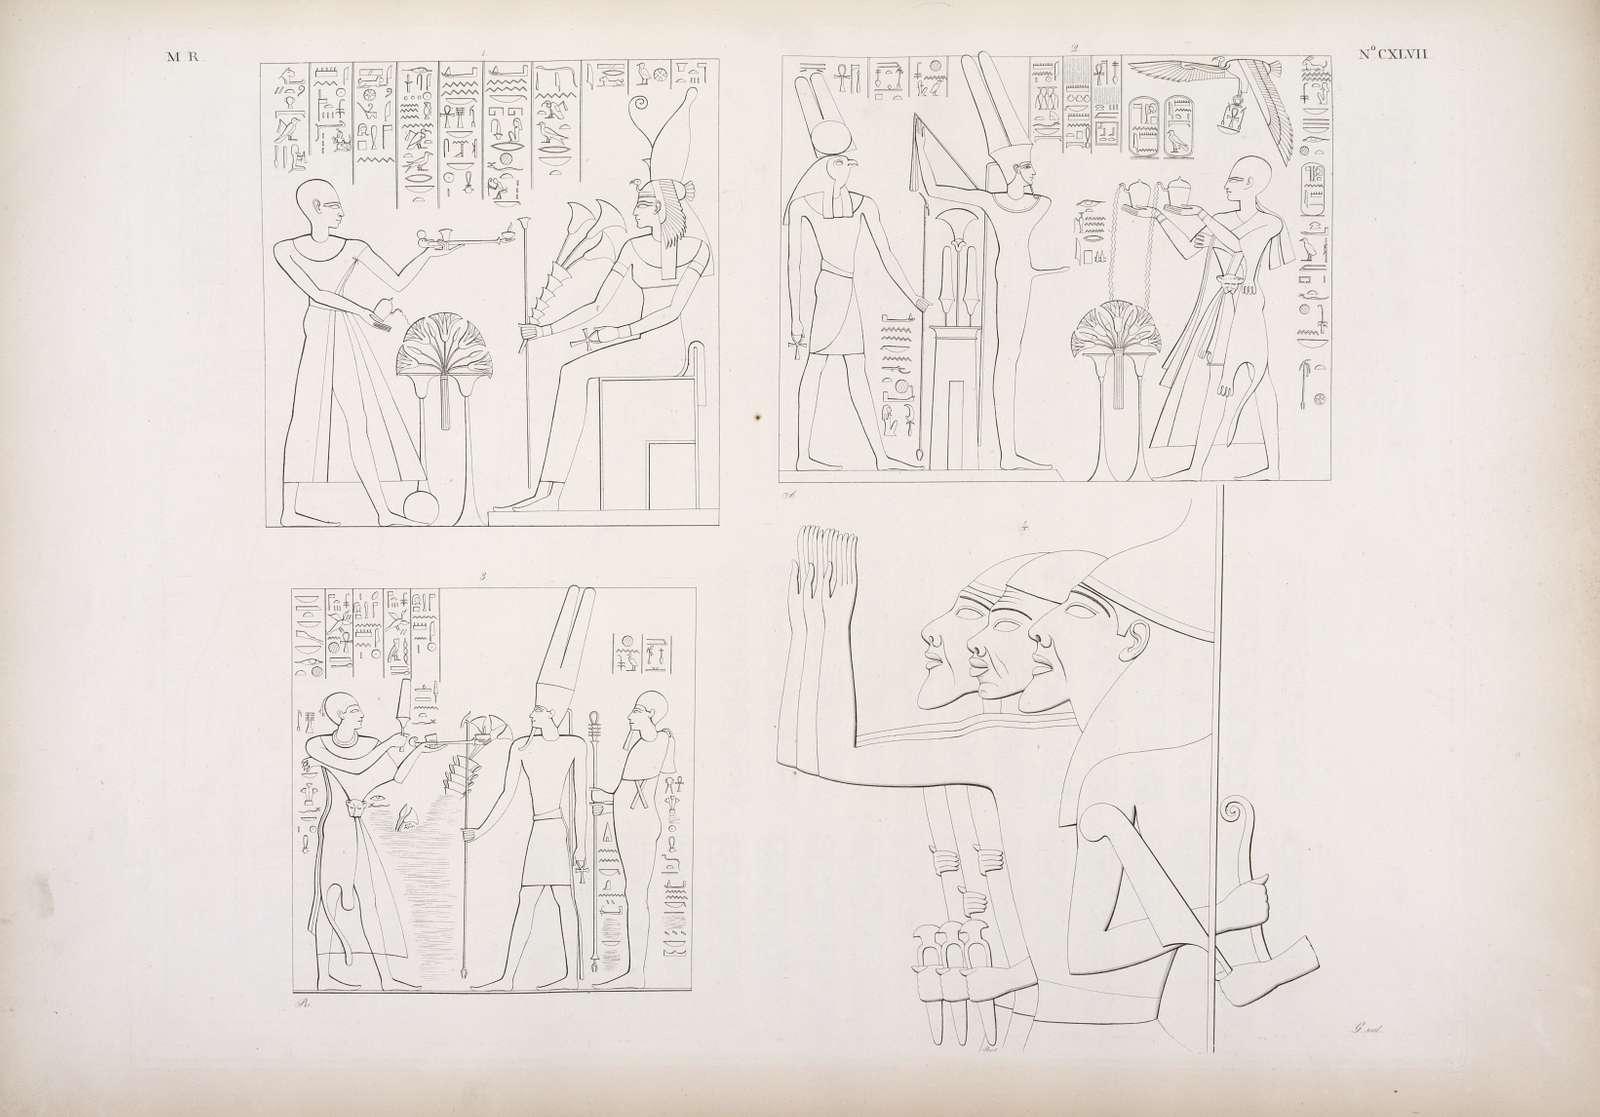 Fig. 1. Pehôr come sacerdote fa offerte a Mut. Fig. 2.  Il medesimo come re offre ad Amon-rê [Amon] e a Scions. Fig. 3. Pisciam come sacerdote fa offerte ad Amon-rê  e a Scions. Fig. 4. Frammento di un gruppo di nemici percossi da Sciscionk [Shoshenq I].